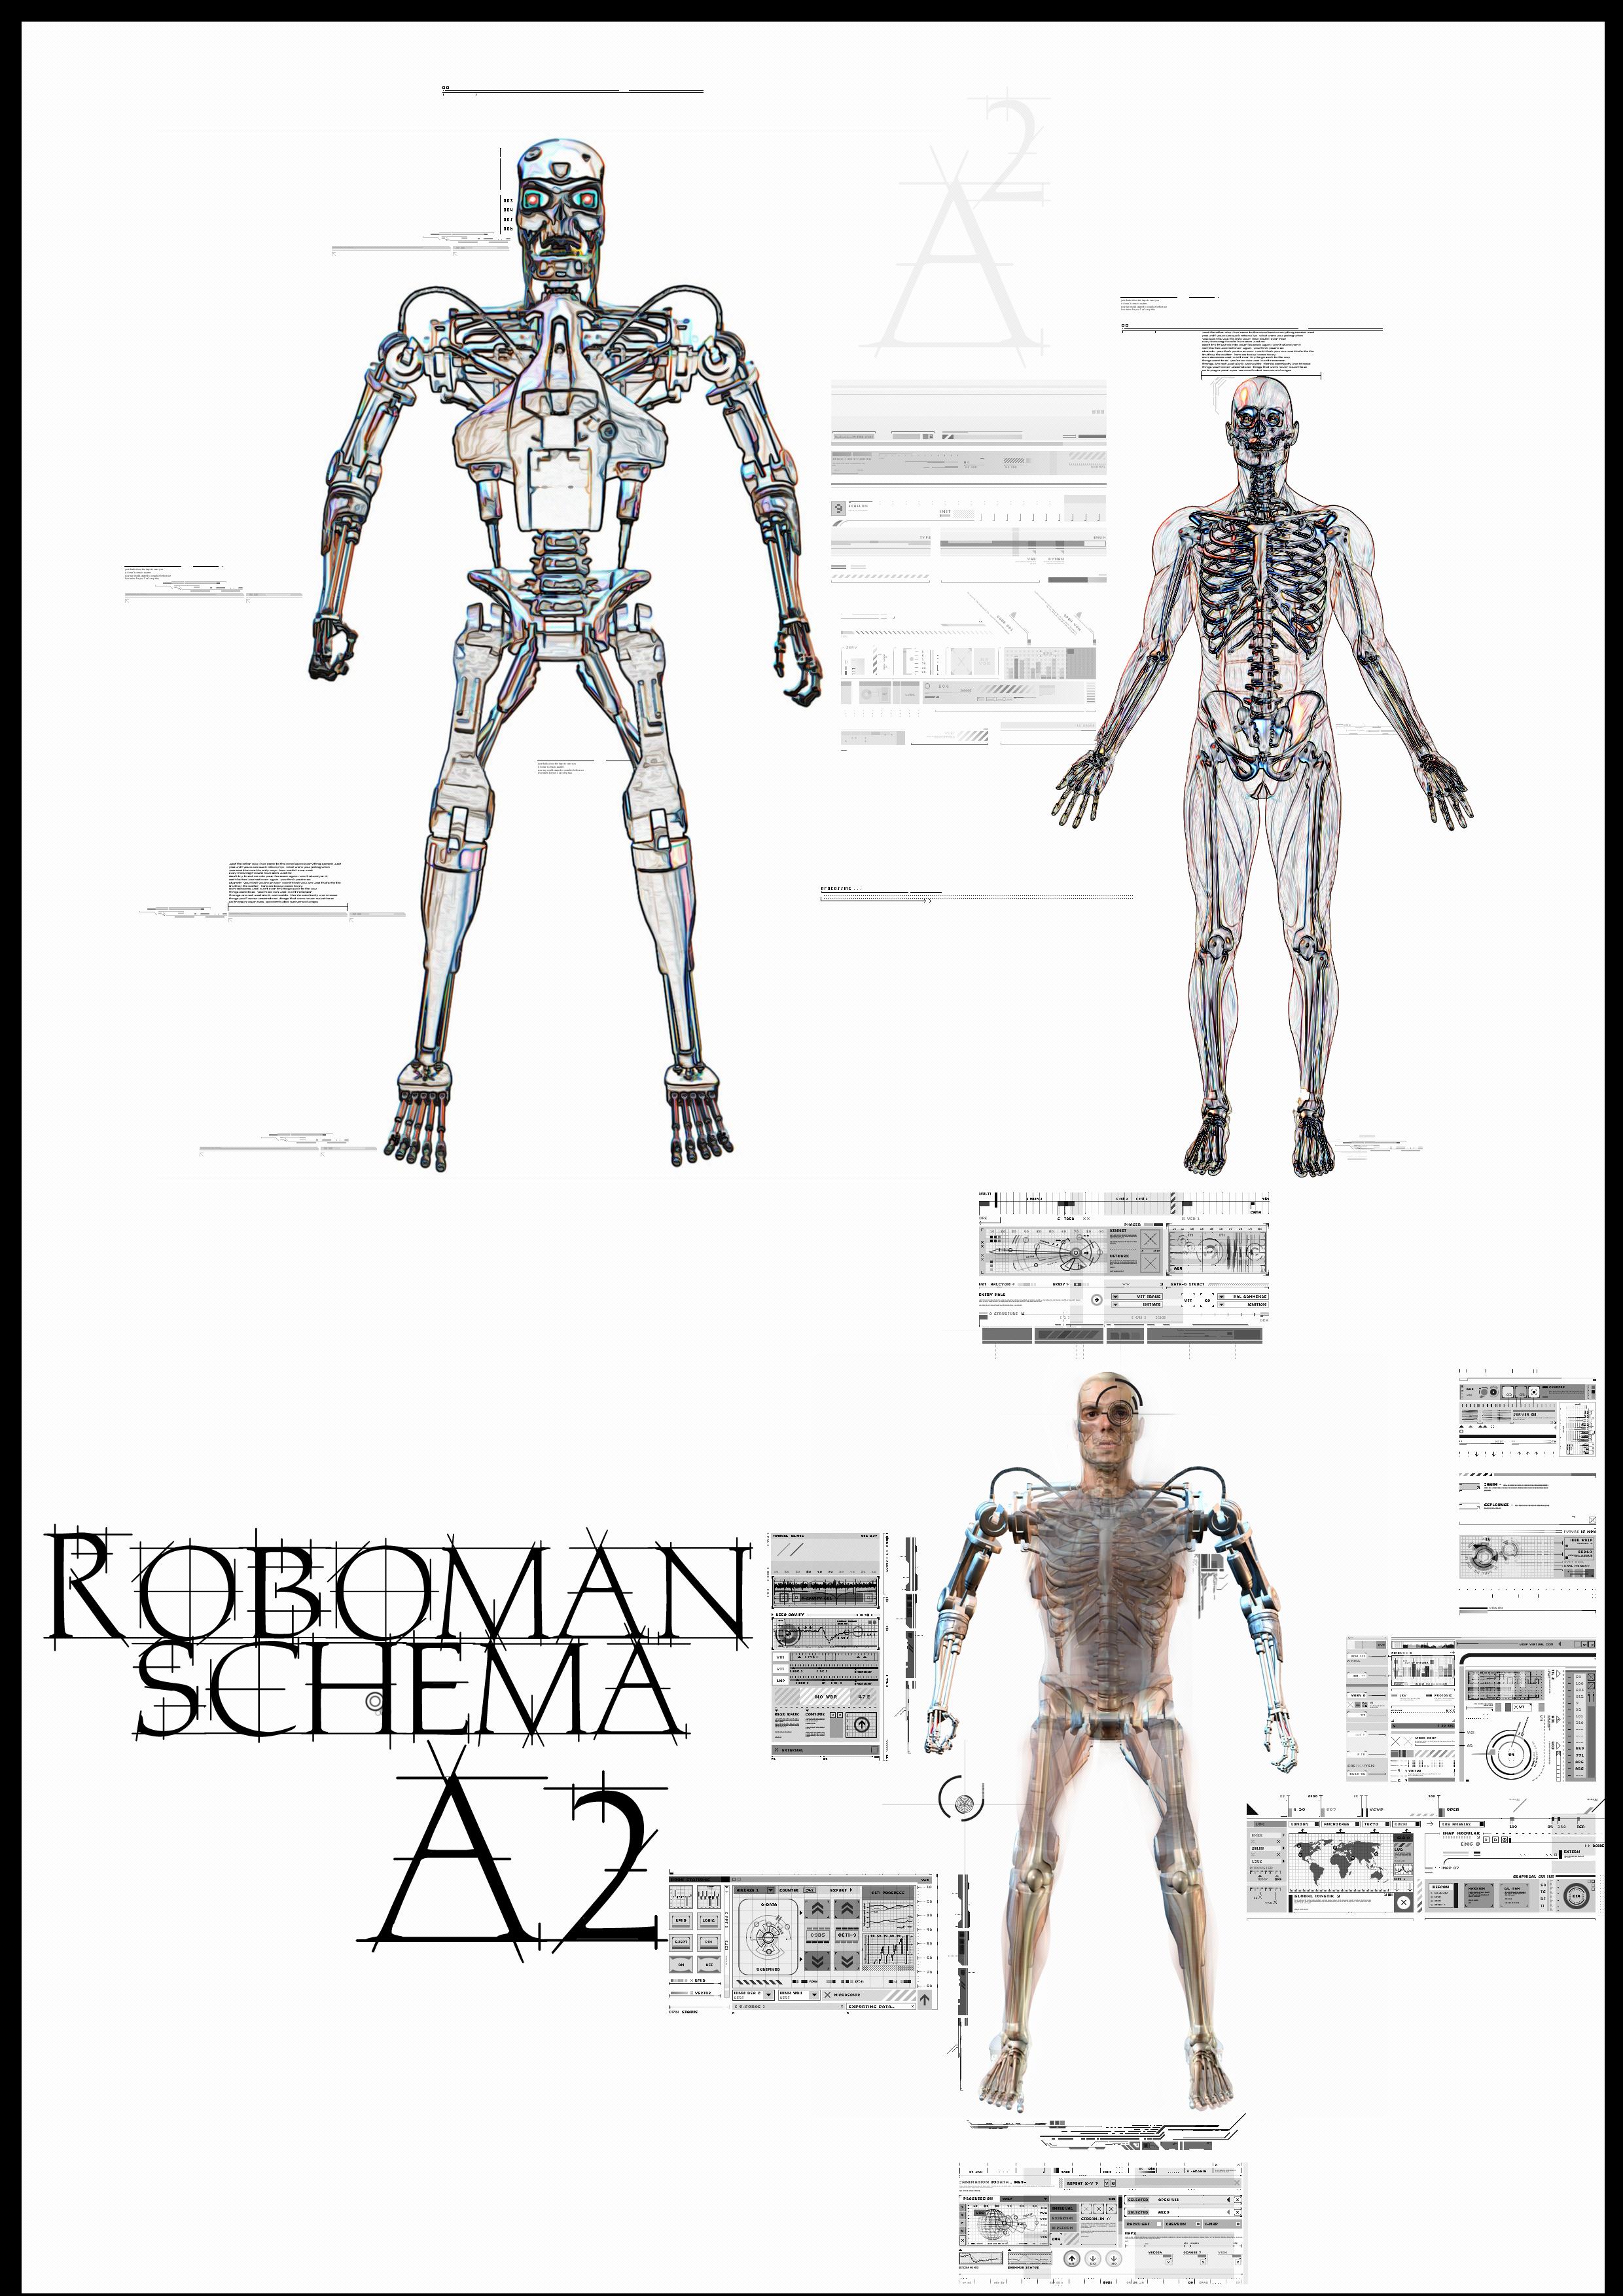 Roboman - Half Man, Half Robot by a2designs